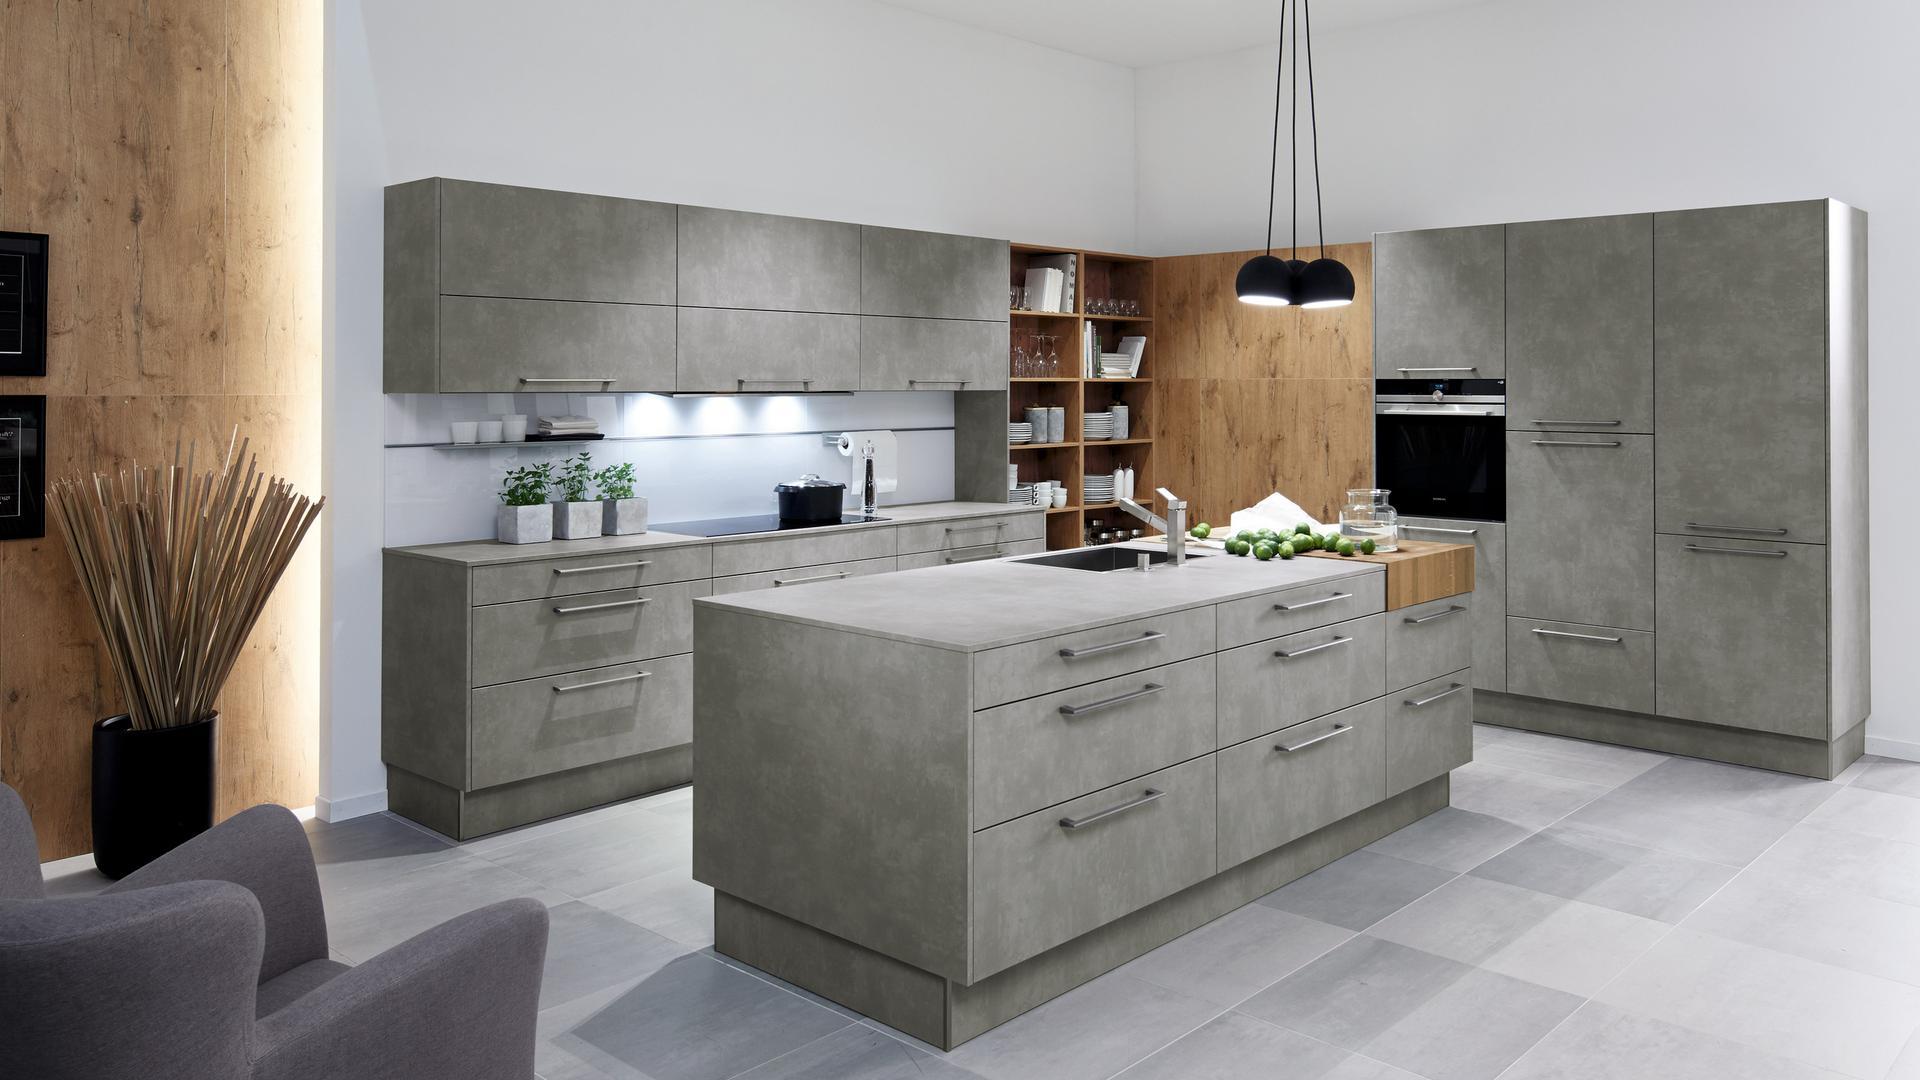 Full Size of Küche Grau Betonoptik Treteimer Aufbewahrungssystem Ebay Einbauküche Kaufen Ikea Gardinen Erweitern Wandpaneel Glas Was Kostet Eine Neue Kreidetafel Billig Wohnzimmer Küche Grau Betonoptik